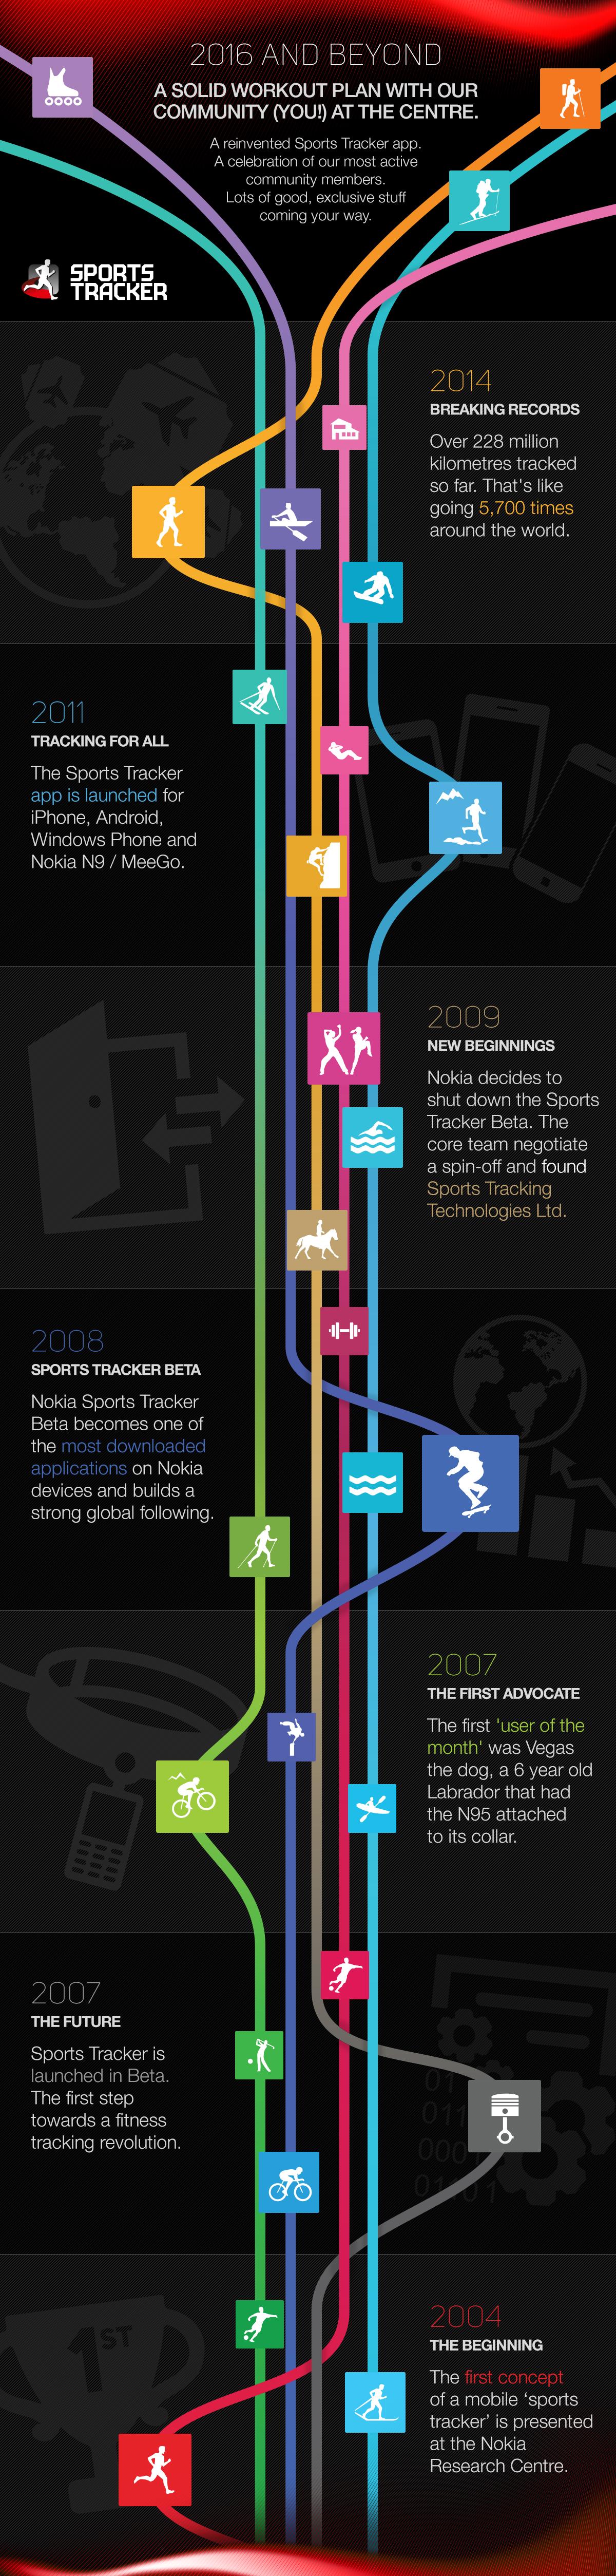 SportsTracker_Timeline_Full